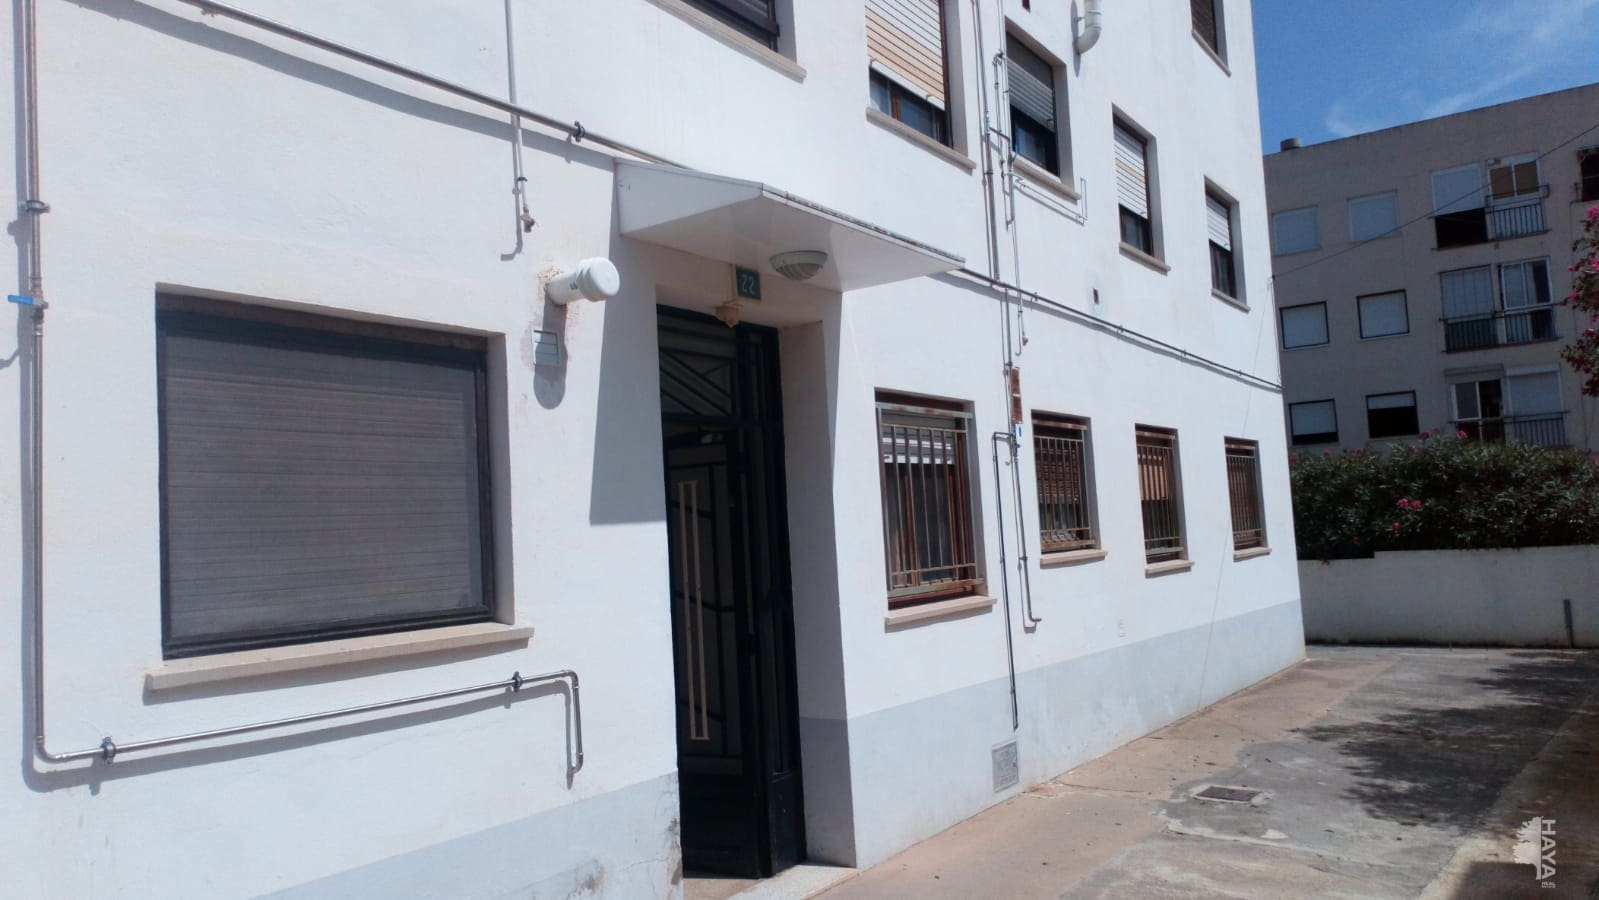 Piso en venta en Els Cuarts, Oropesa del Mar/orpesa, Castellón, Avenida la Plana, 36.535 €, 3 habitaciones, 1 baño, 73 m2